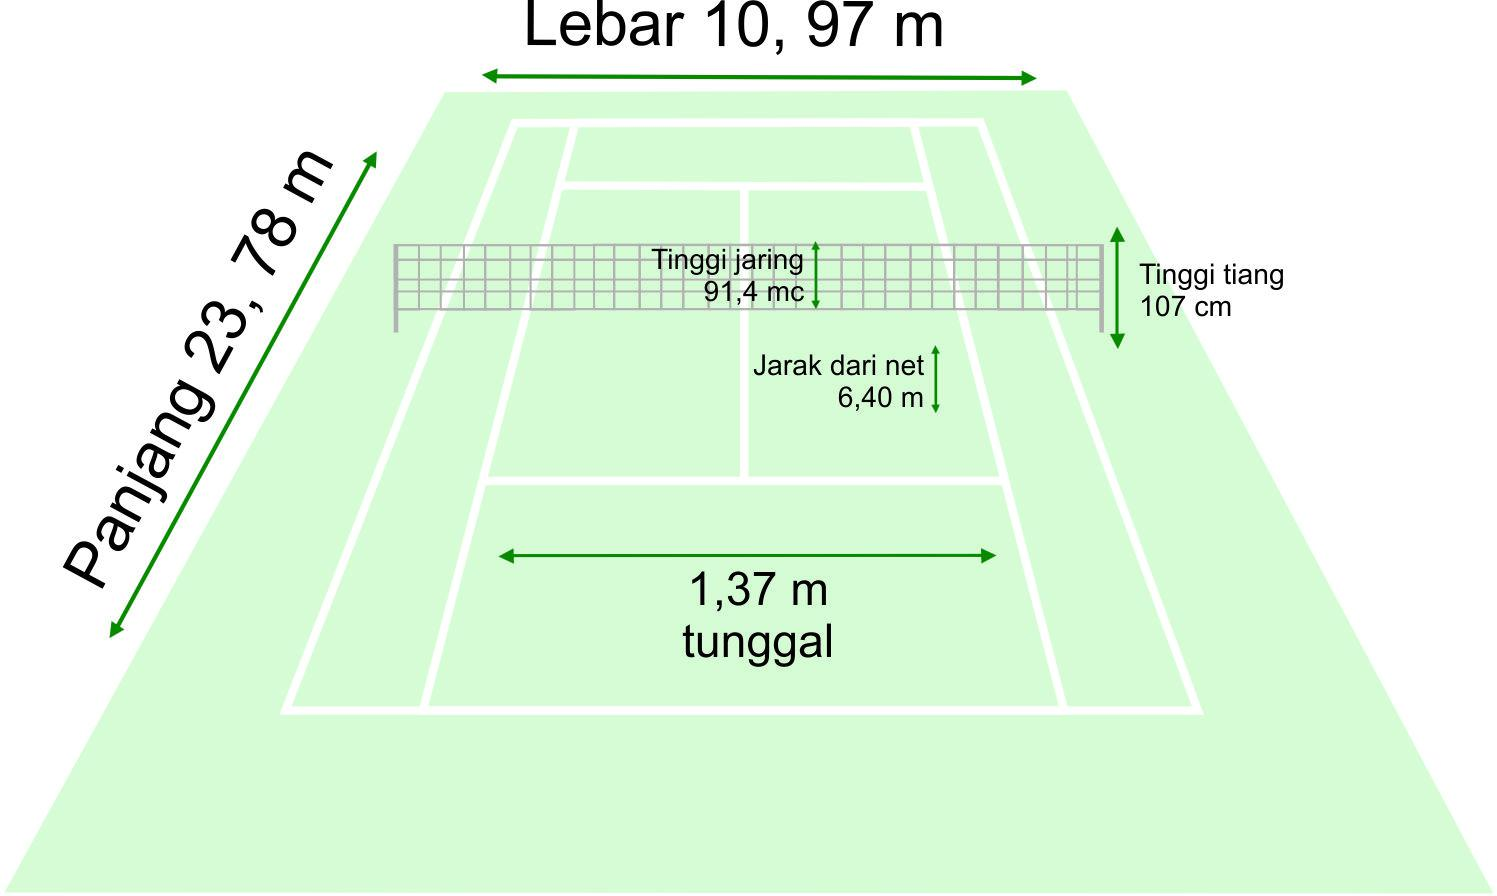 Peraturan Tenis (Lapangan Tenis). Copyright: Grafis: Eli Suhaeli/INDOSPORT